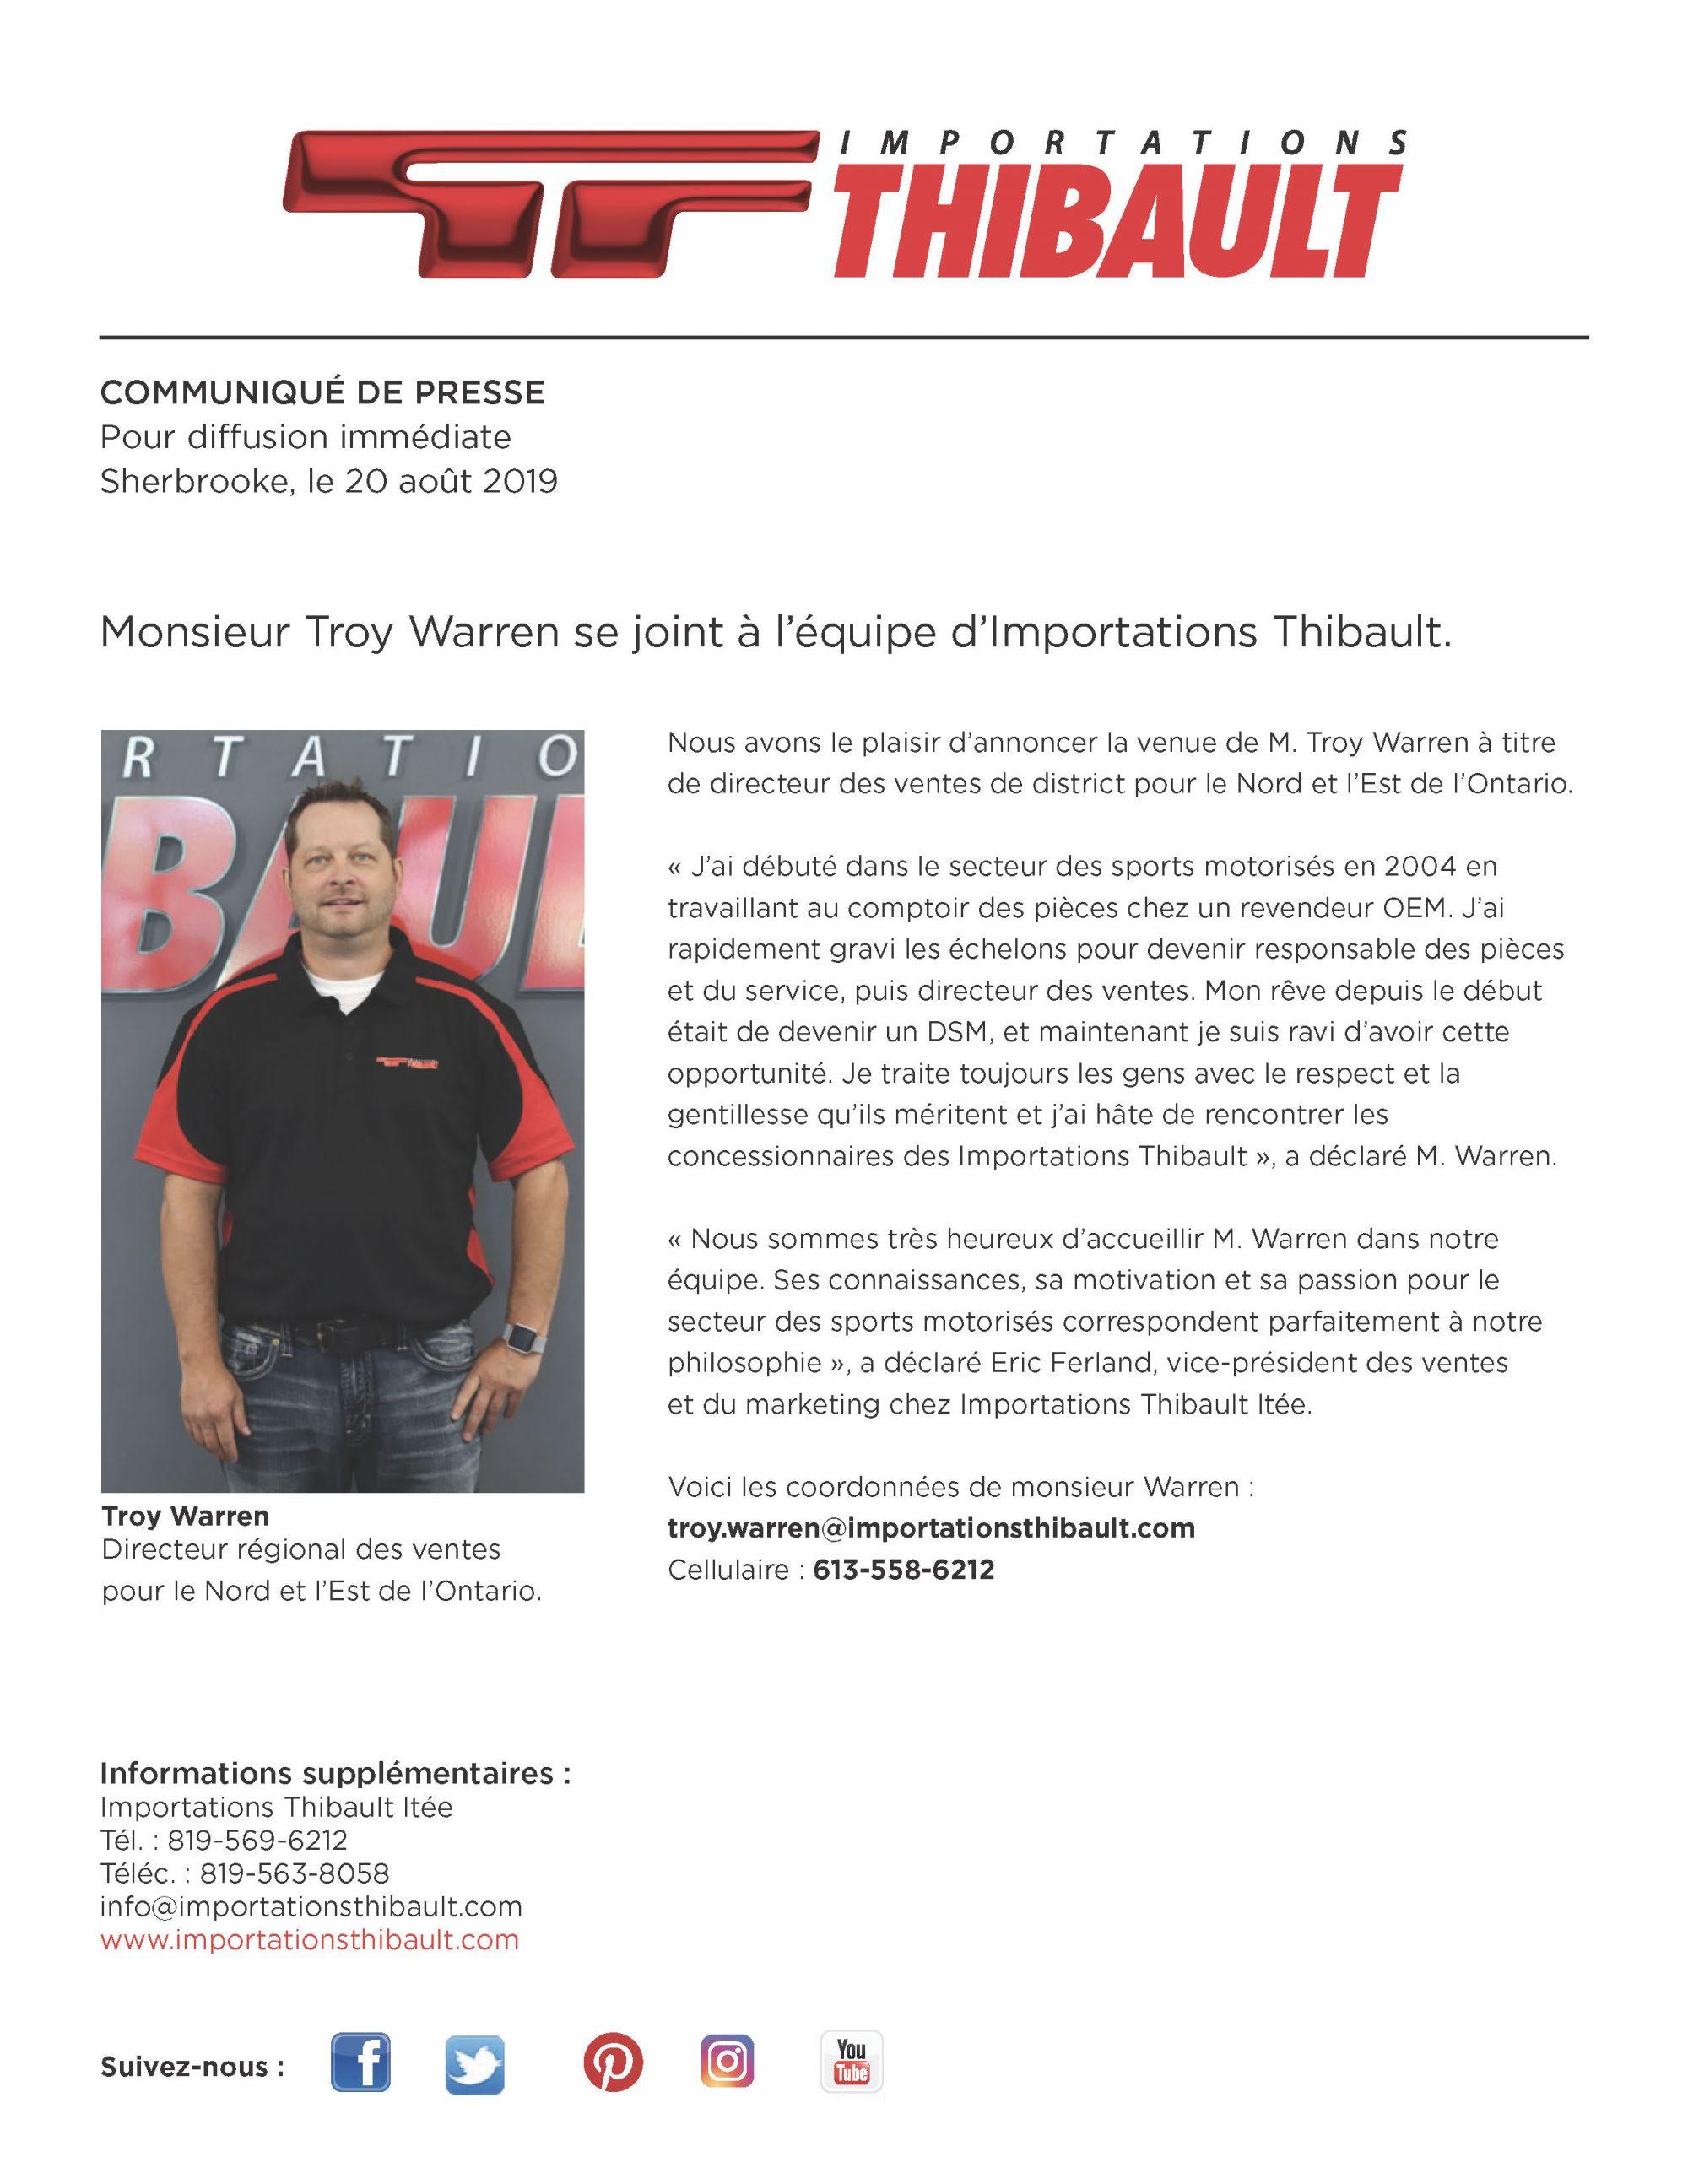 Monsieur Troy Warren se joint à l'équipe d'Importations Thibault.